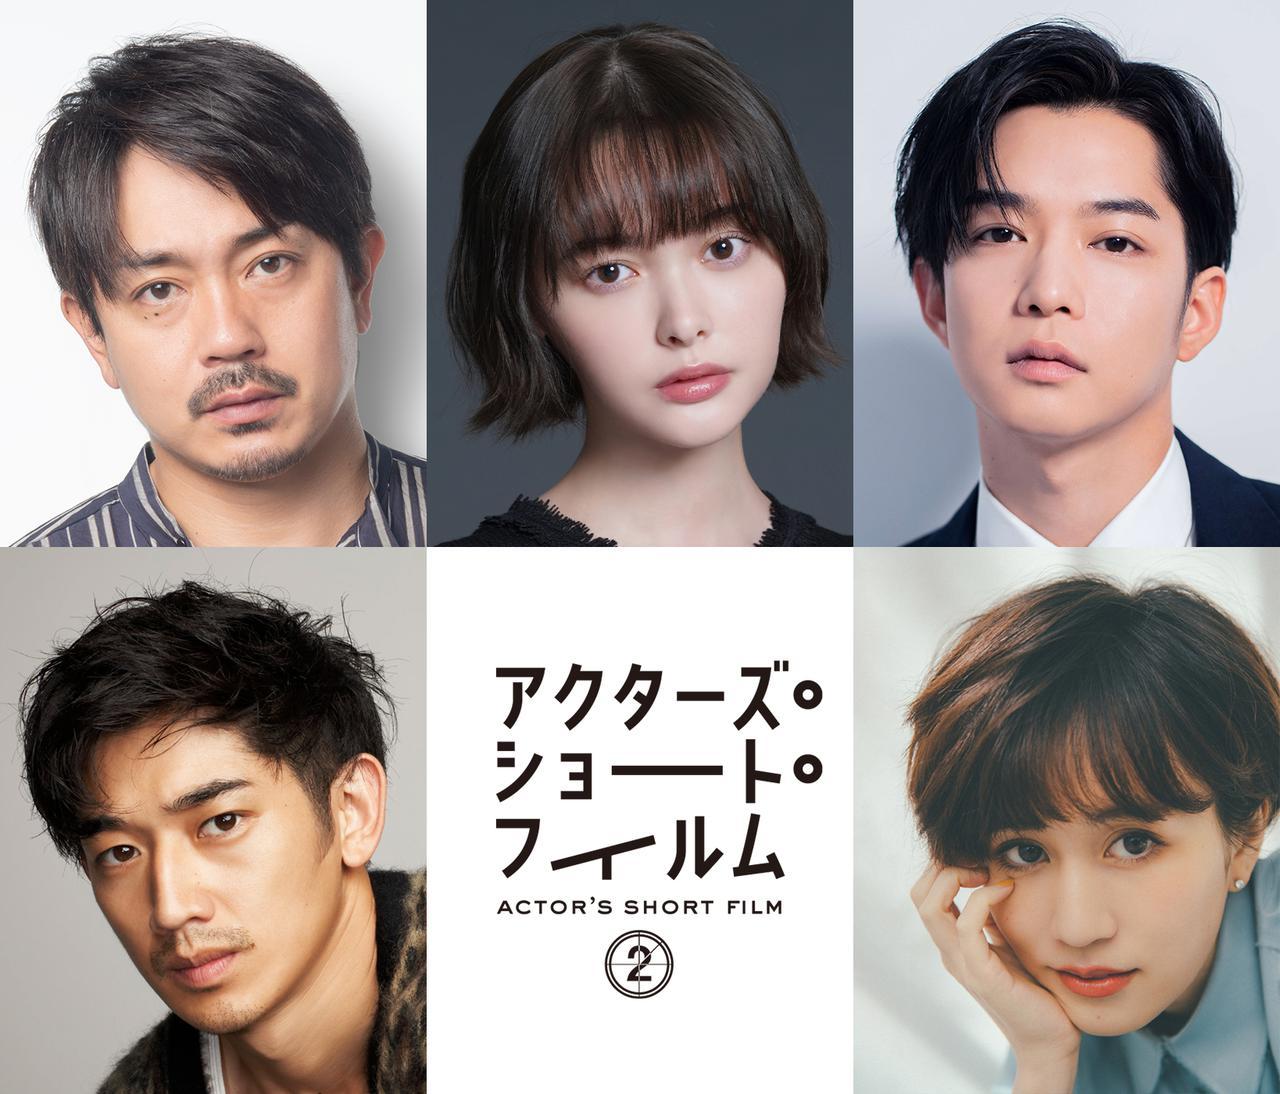 画像: 5人の人気俳優がショートフィルムの監督に挑戦!